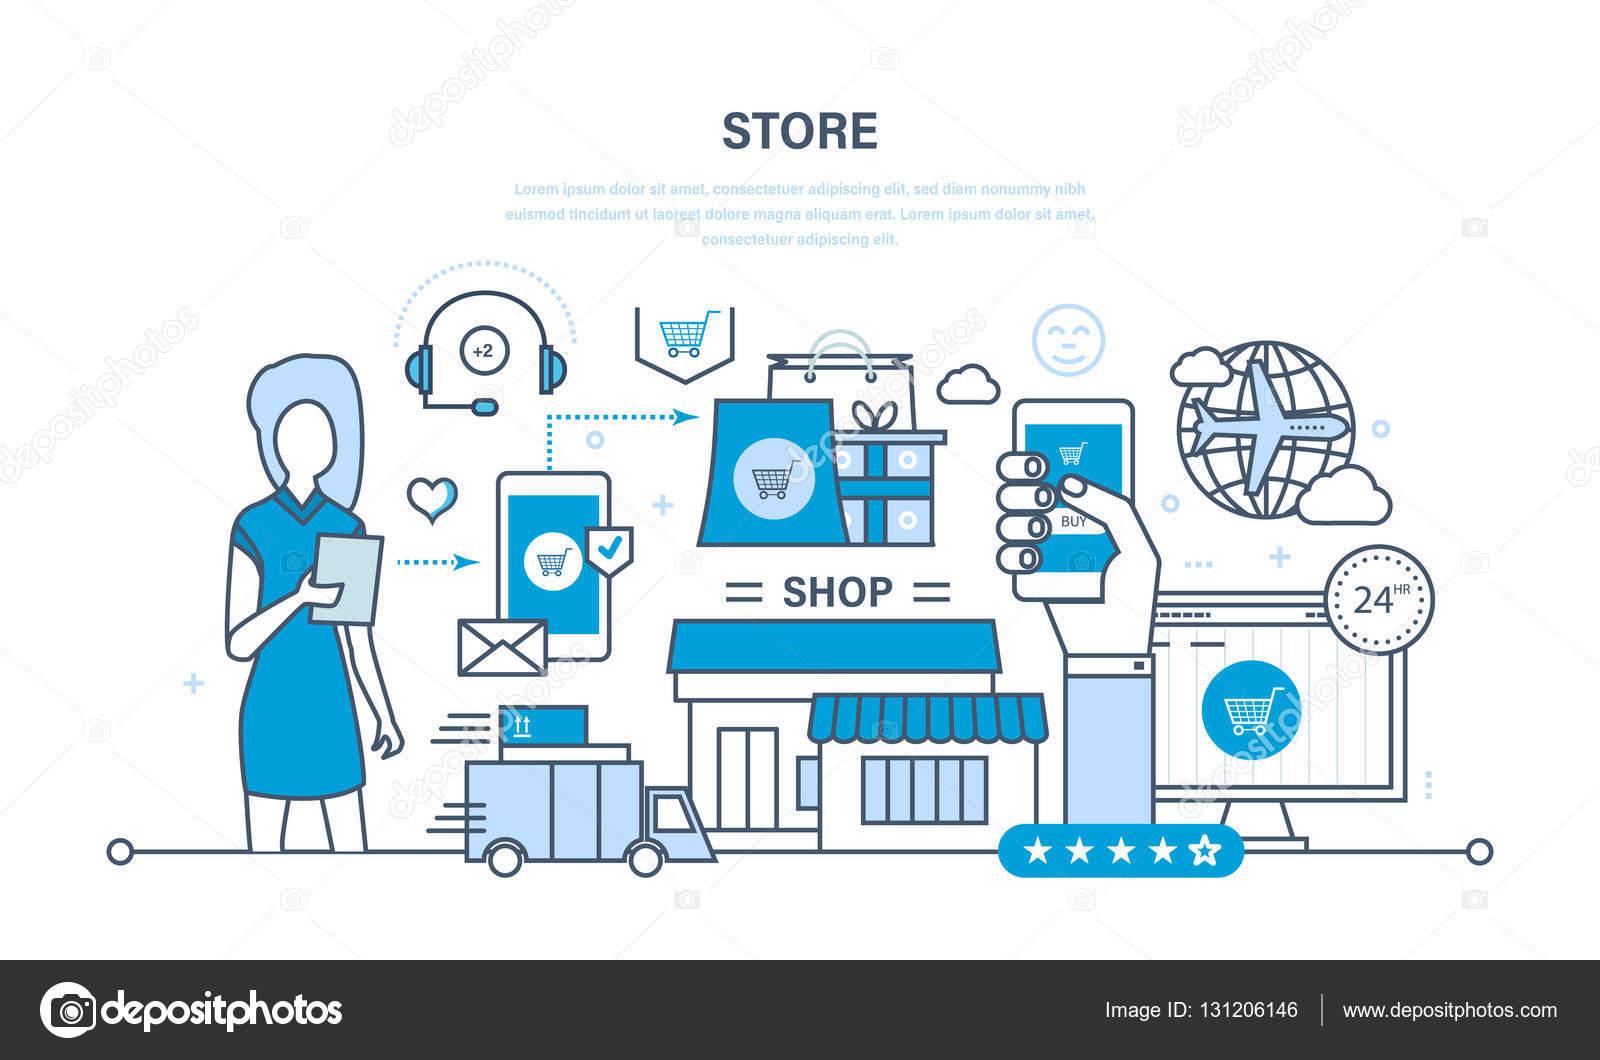 Speichern und Online-Kauf, Lieferung, technische Unterstützung ...